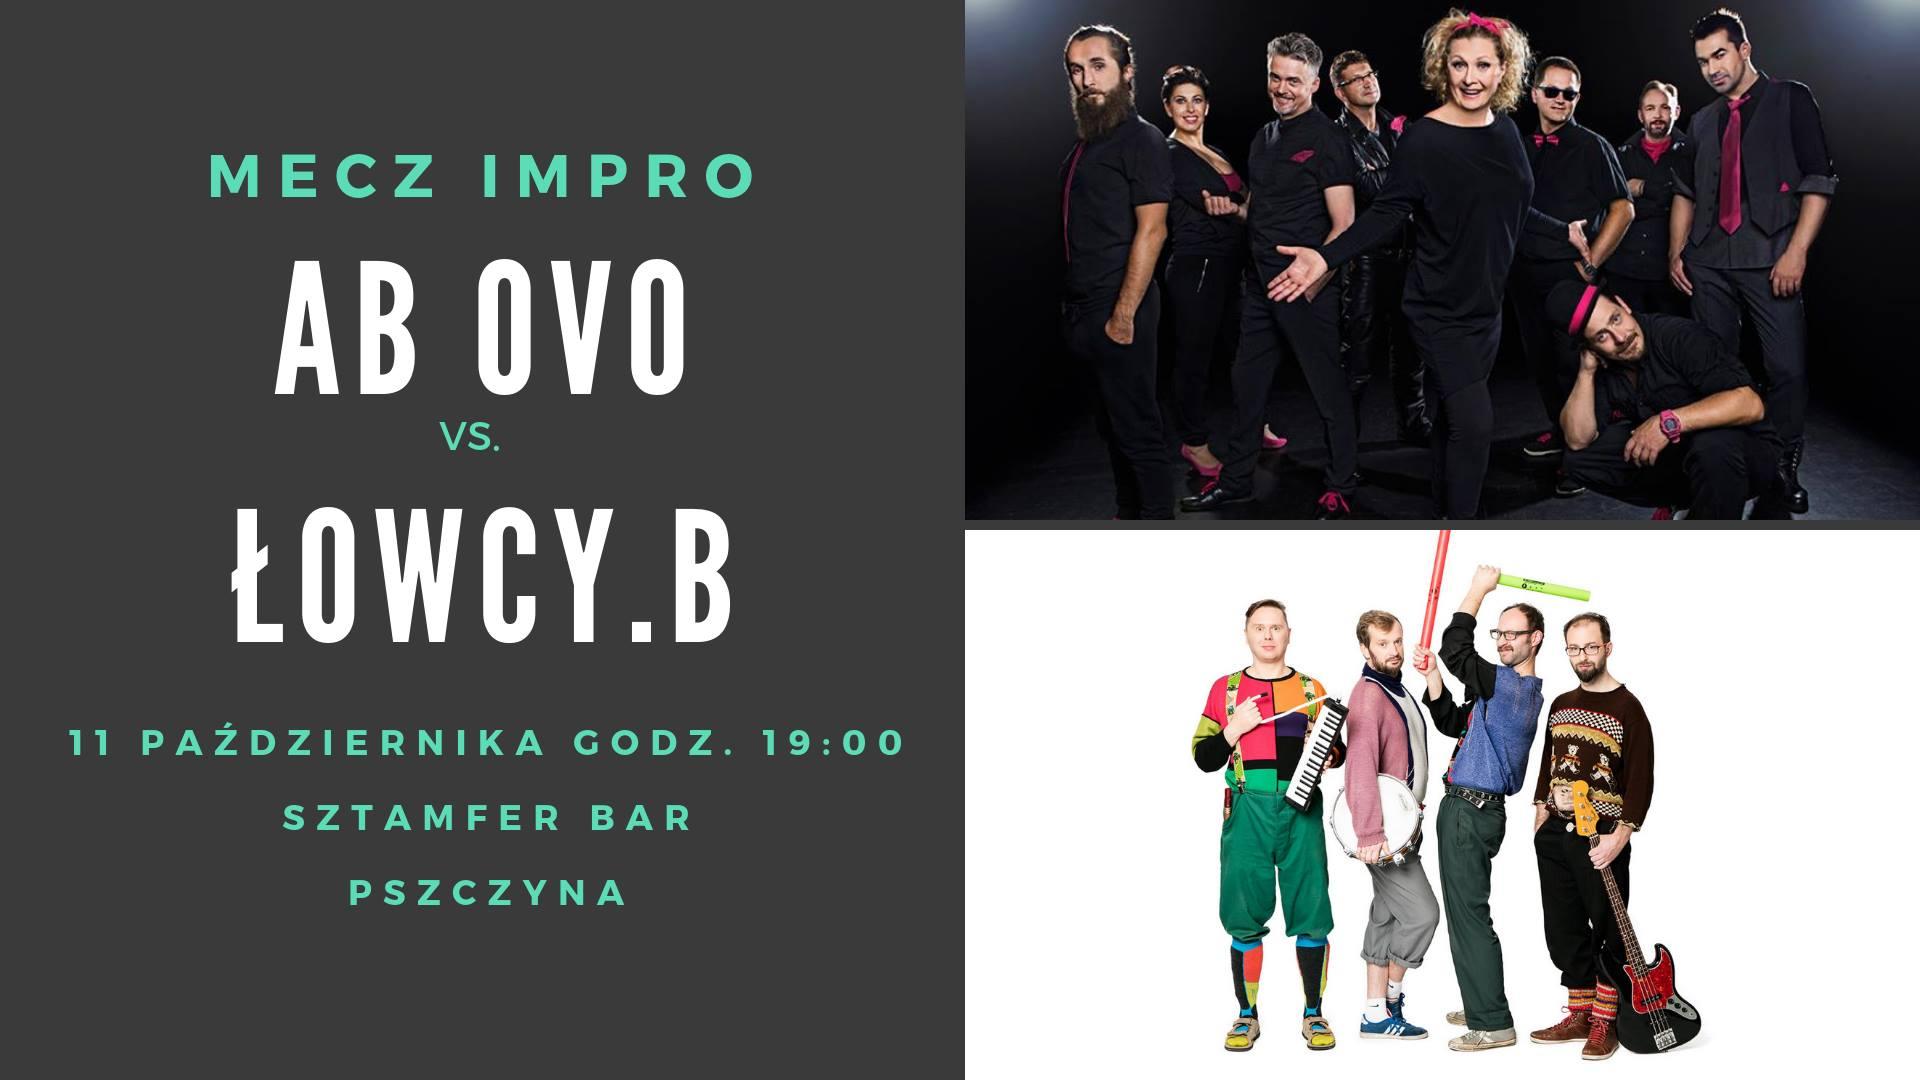 Mecz impro AB OVO vs. Łowcy.B